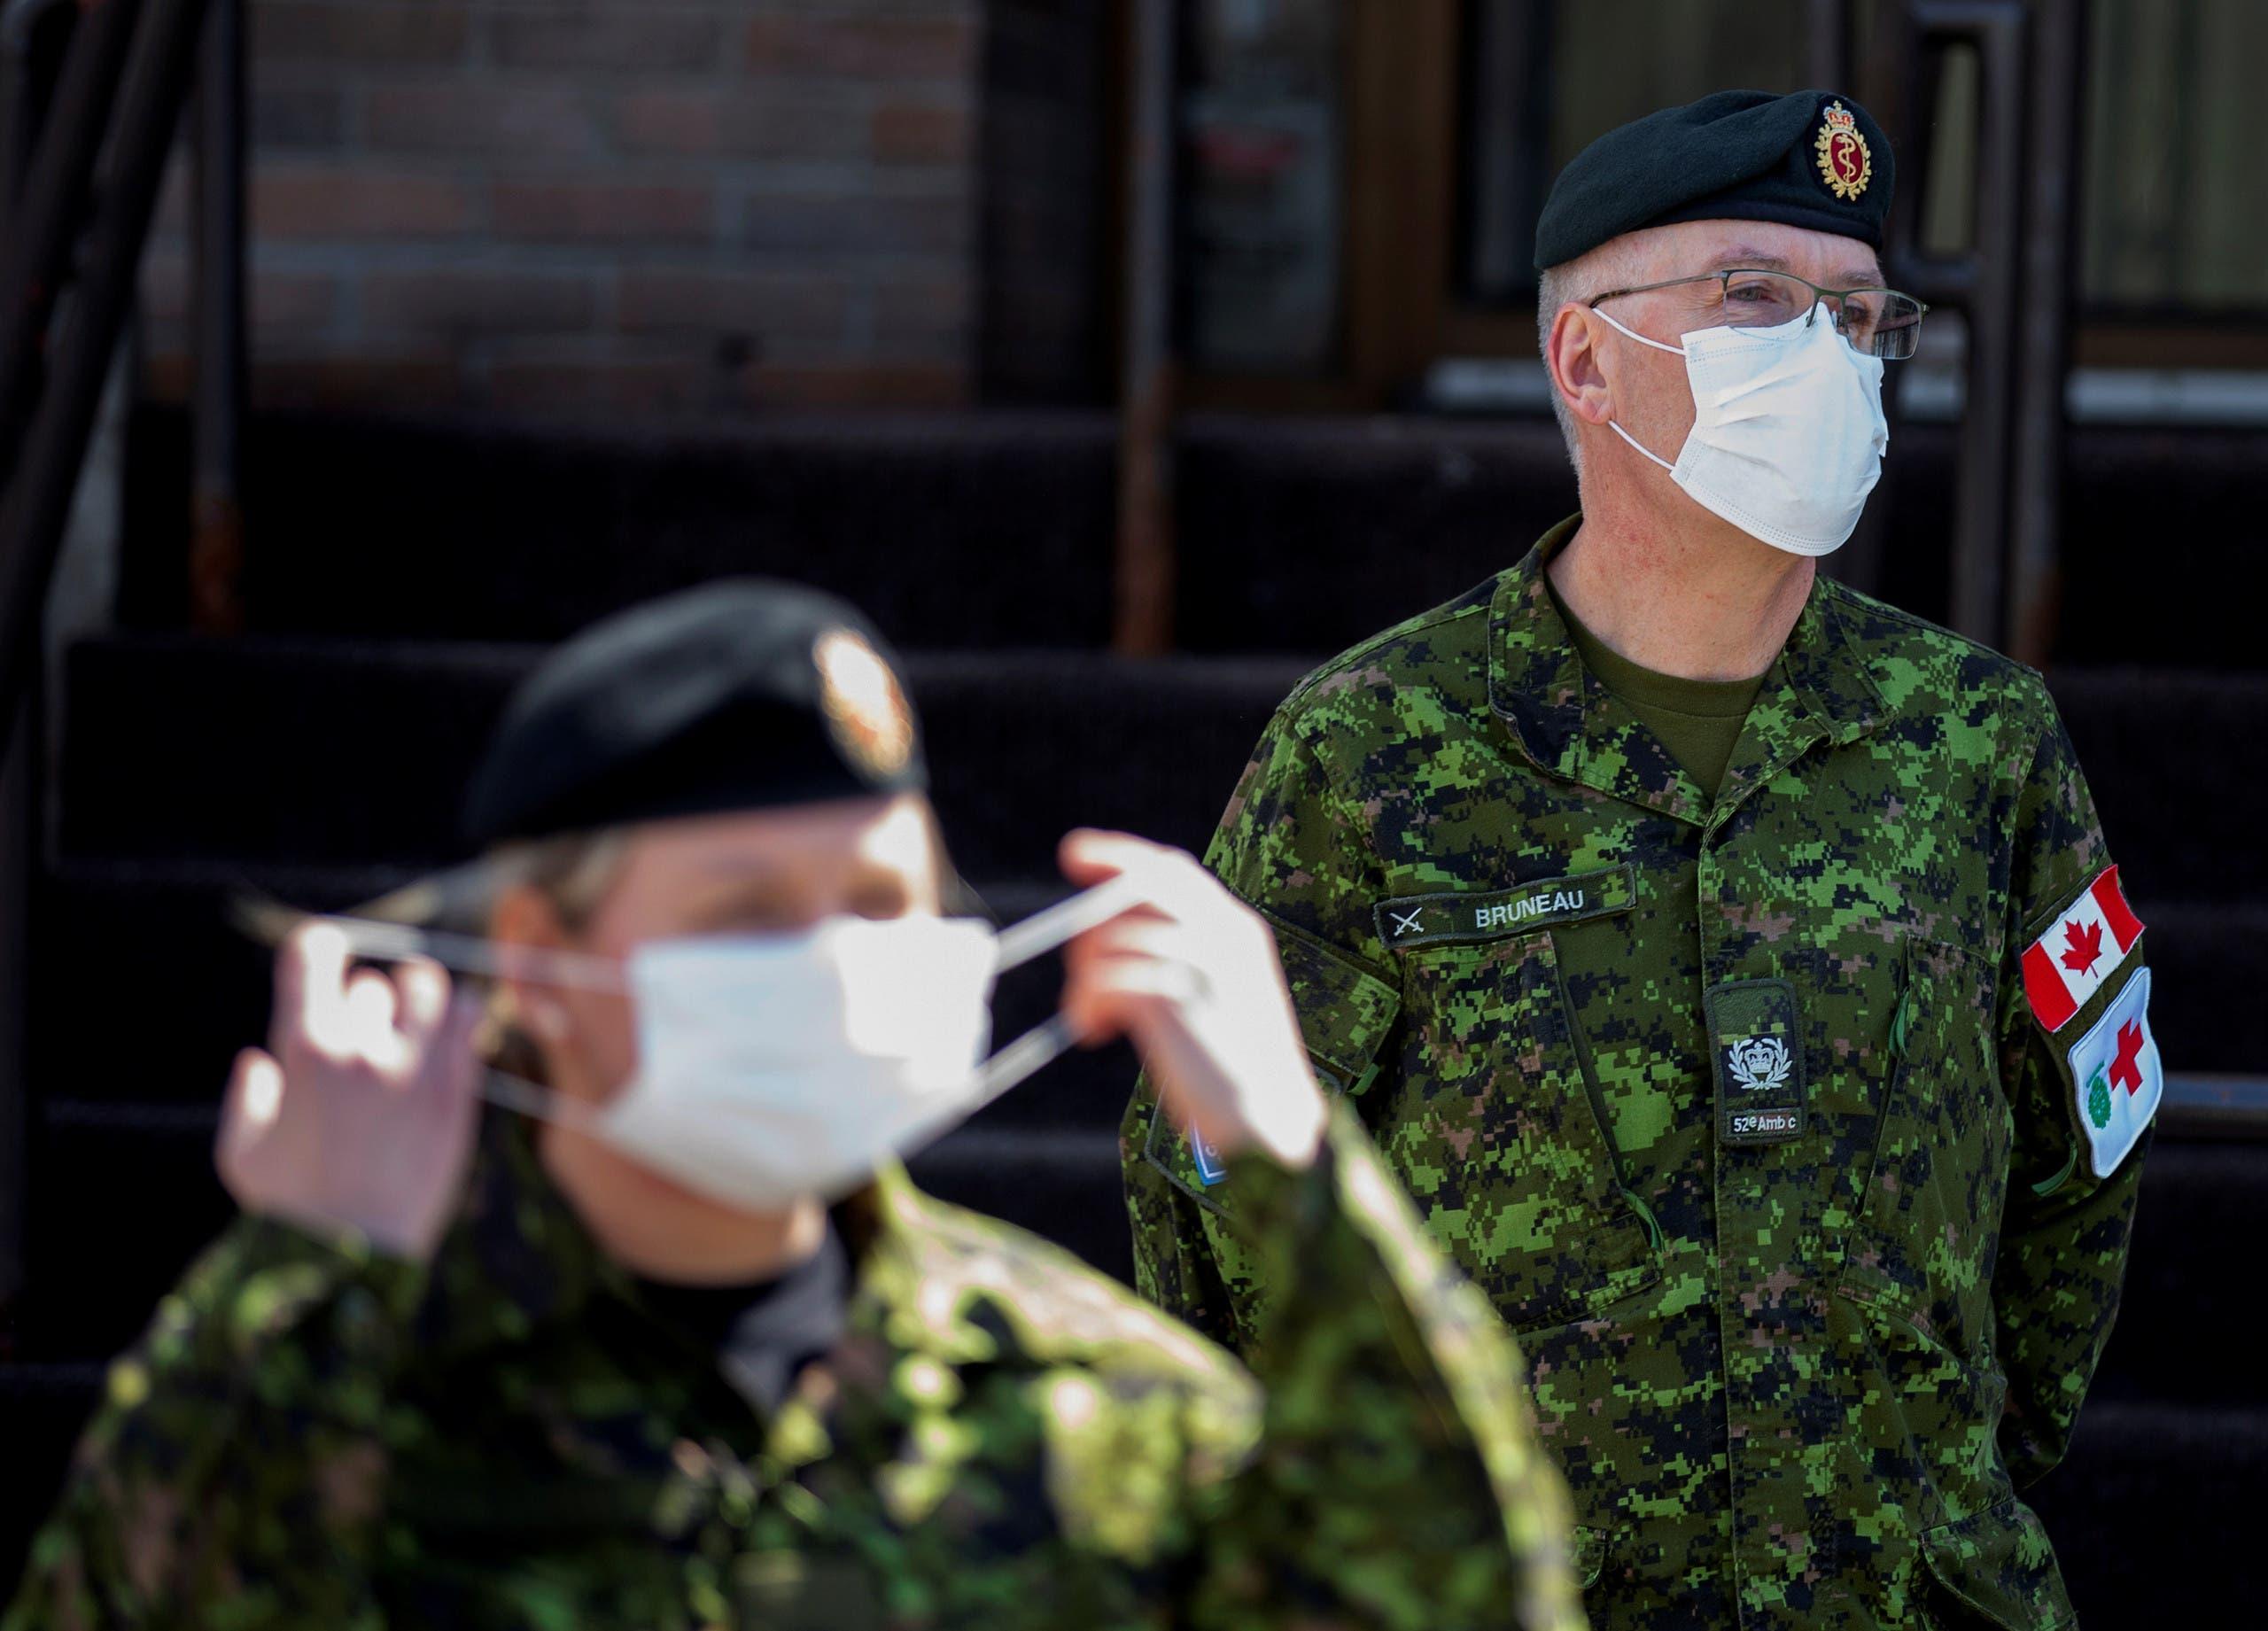 عسكريان كنديان يعاونان في دار مسنين في كيبيك تفشى بها كورونا